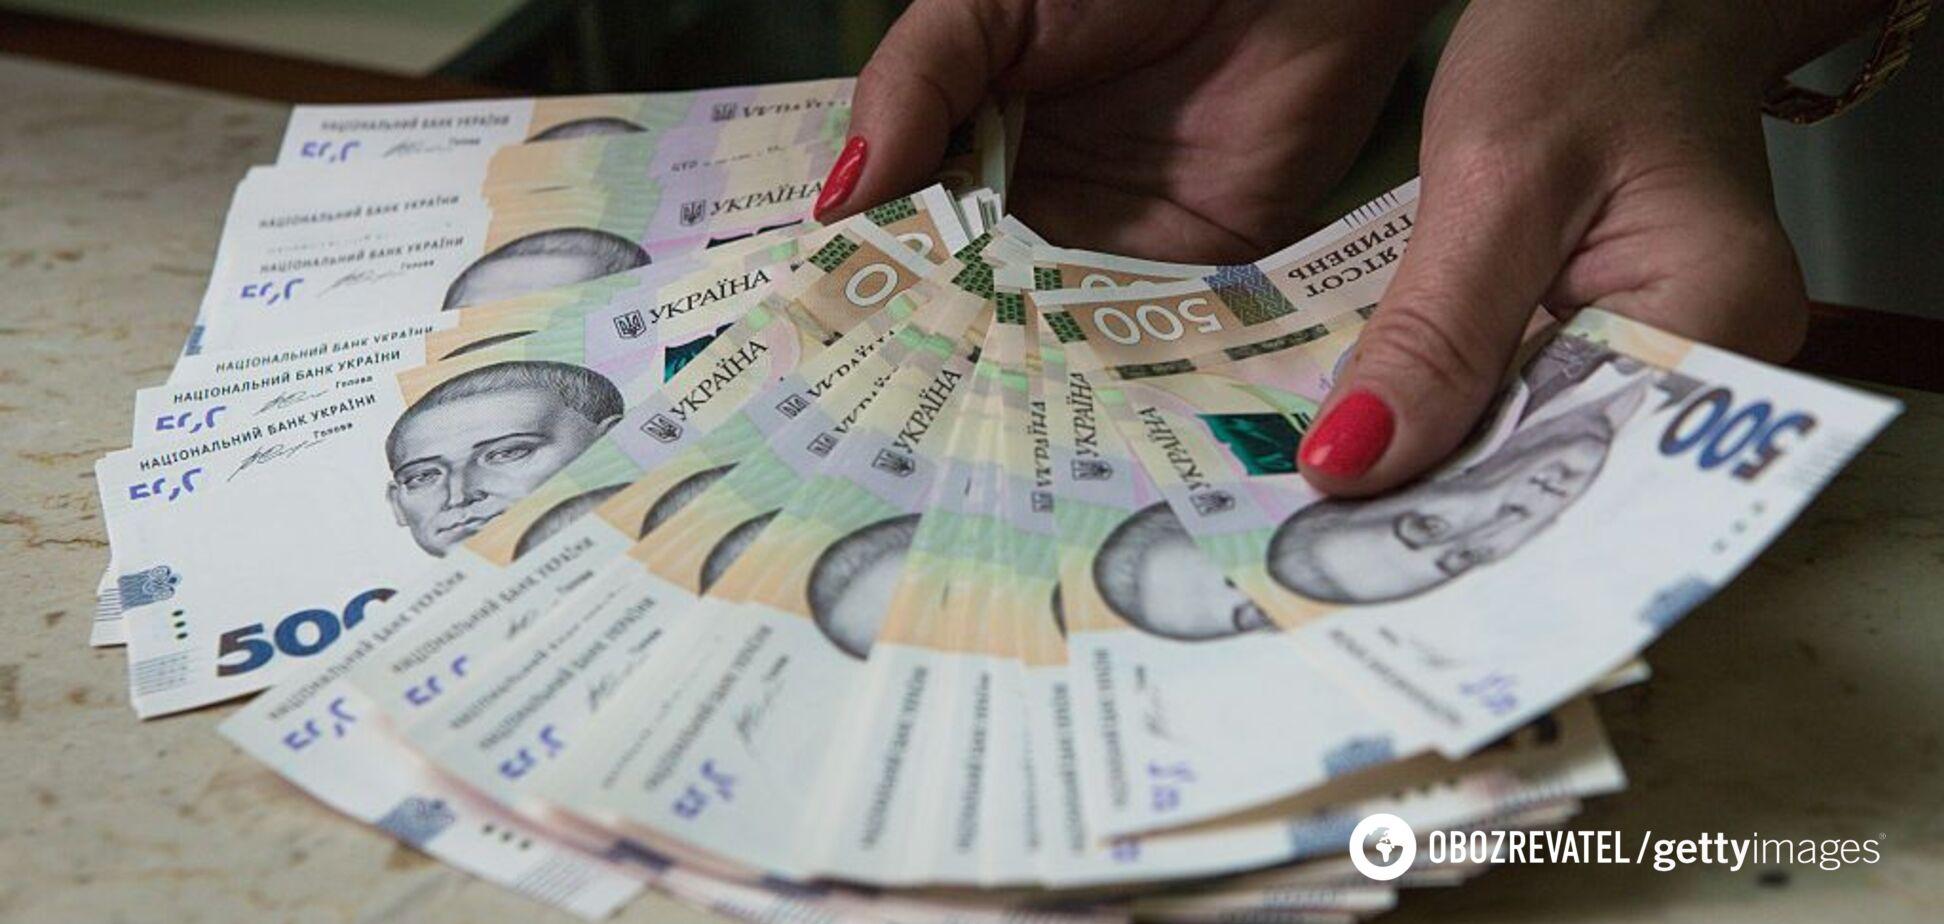 'Беруть 620%': як працюють онлайн-кредити в Україні